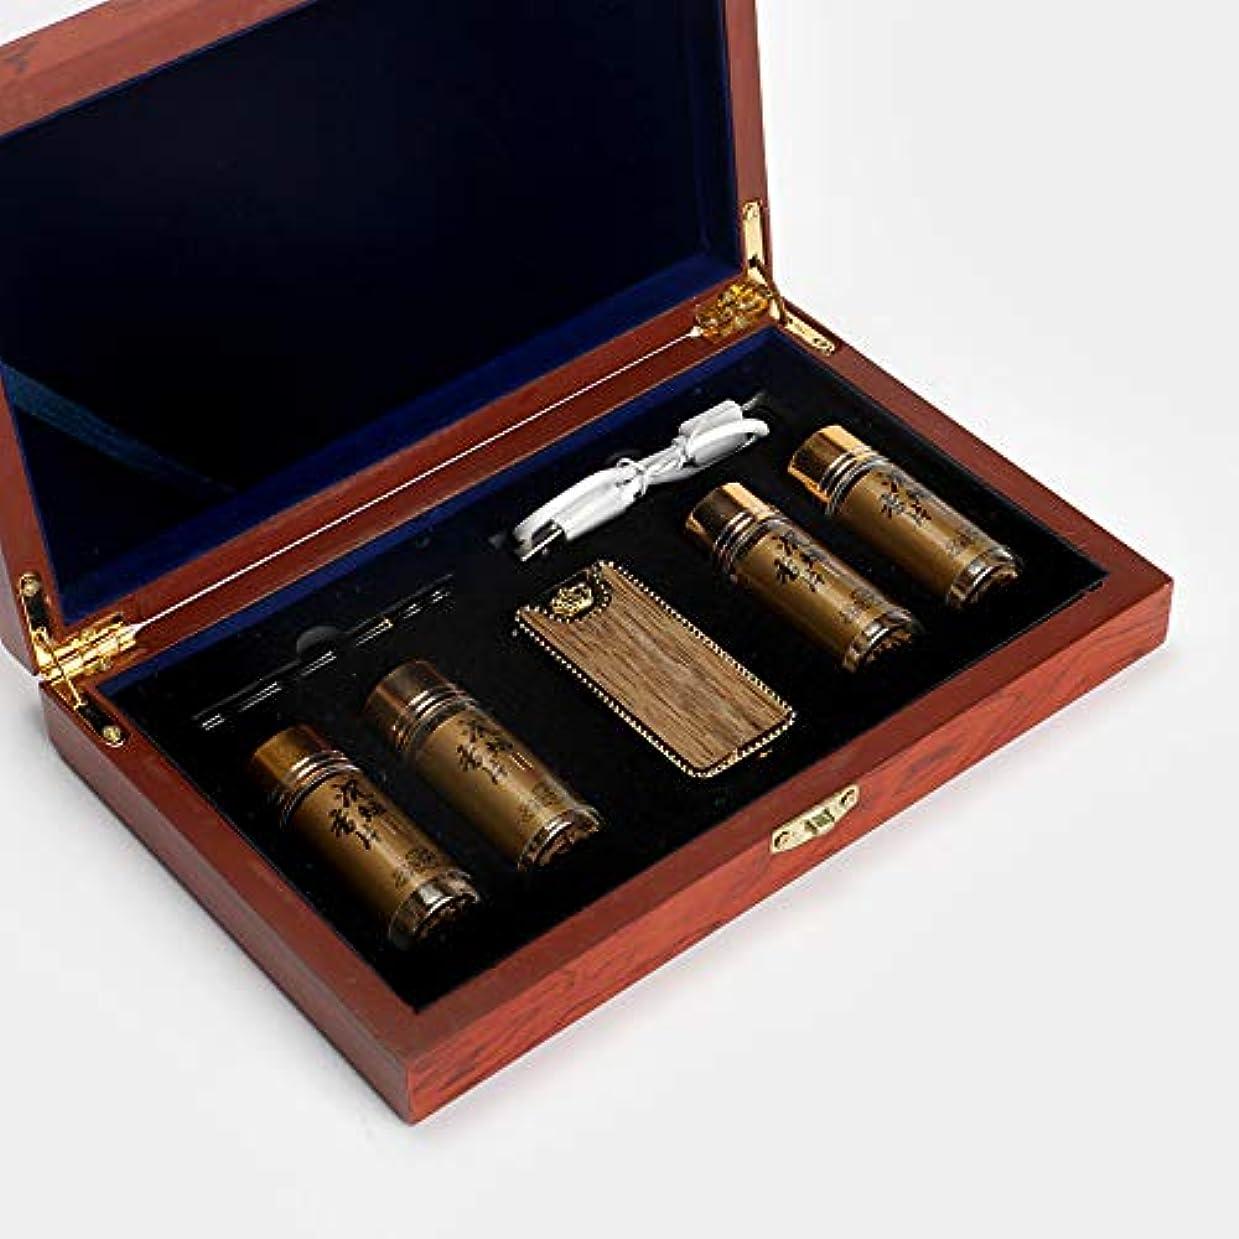 スタイル子供時代フックDiatems - 五郎クラフトベトナムニャチャンシェンタバコの煙を挿入ギフトボックスShenxiang錠4本のボトル包装